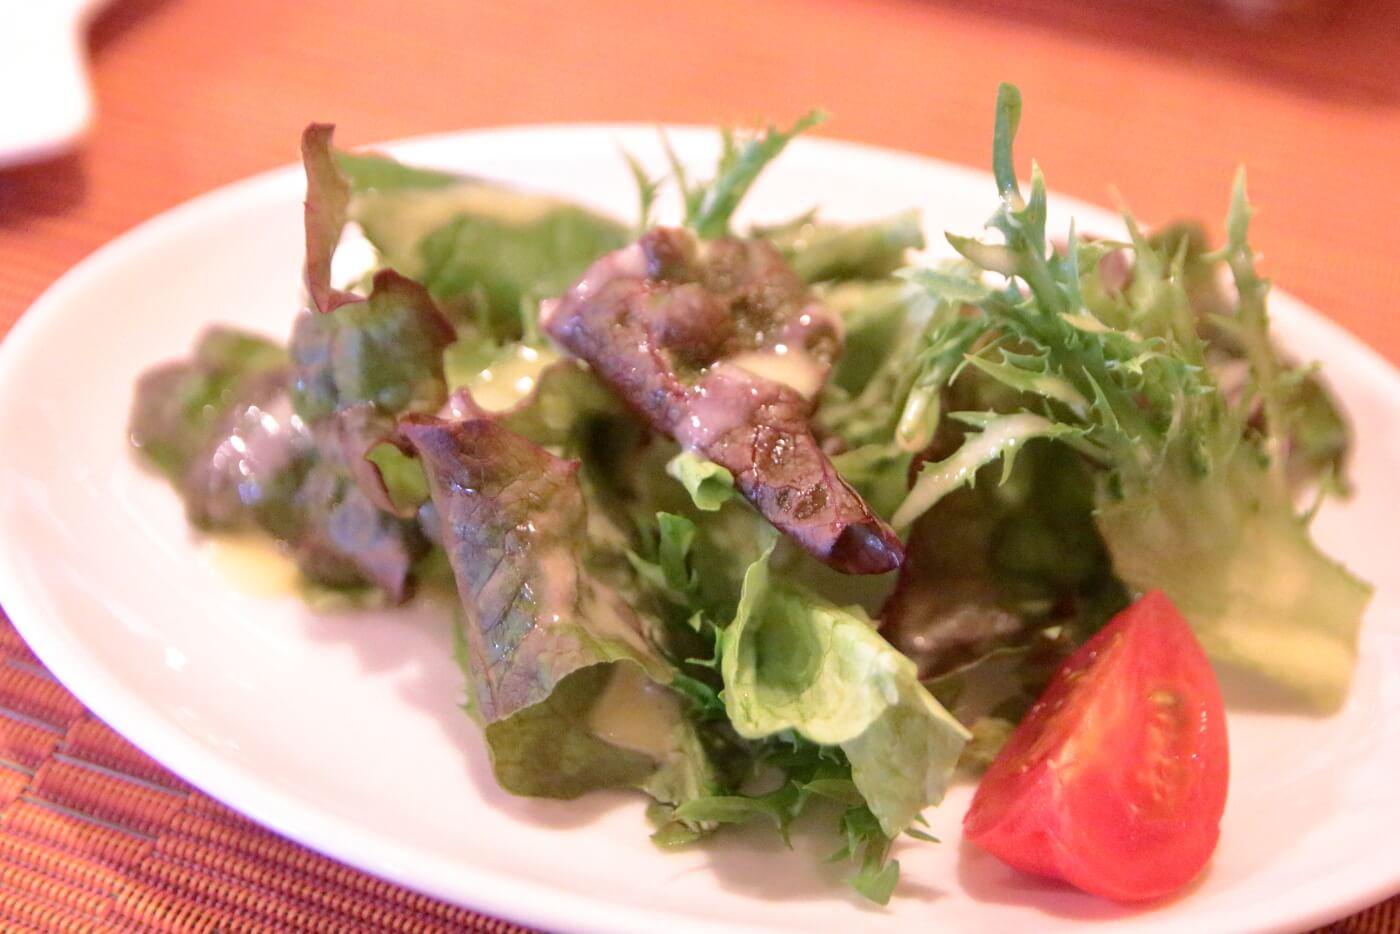 香美市土佐山田町のイタリア料理屋さんクアットロスタジオーニのランチに出されるサラダ